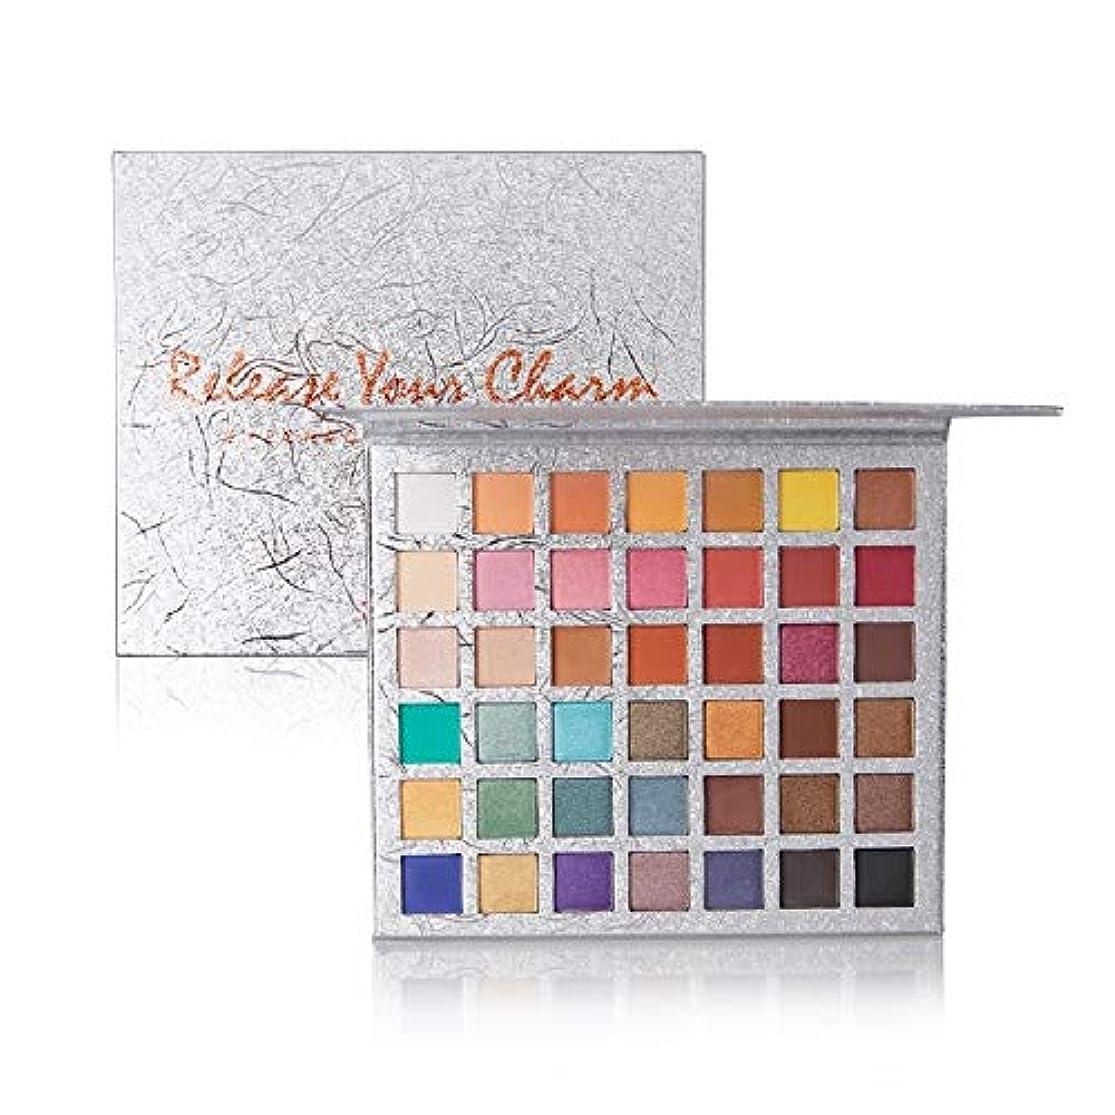 段階青写真流行している42 Colors Eyeshadow Pallete Glitter Makeup Matte Eye shadow Long-lasting Make Up Palette Maquillage Paleta De...